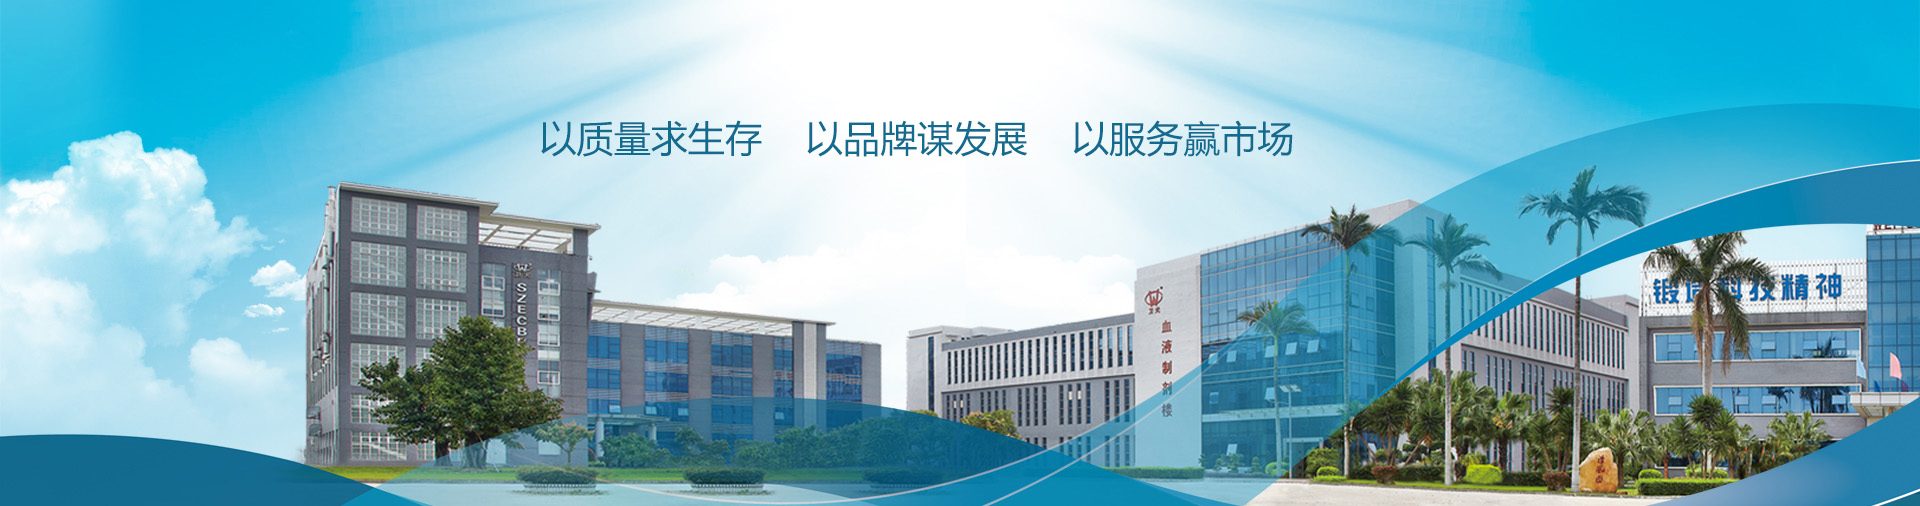 深圳市卫光生物制品股份有限公